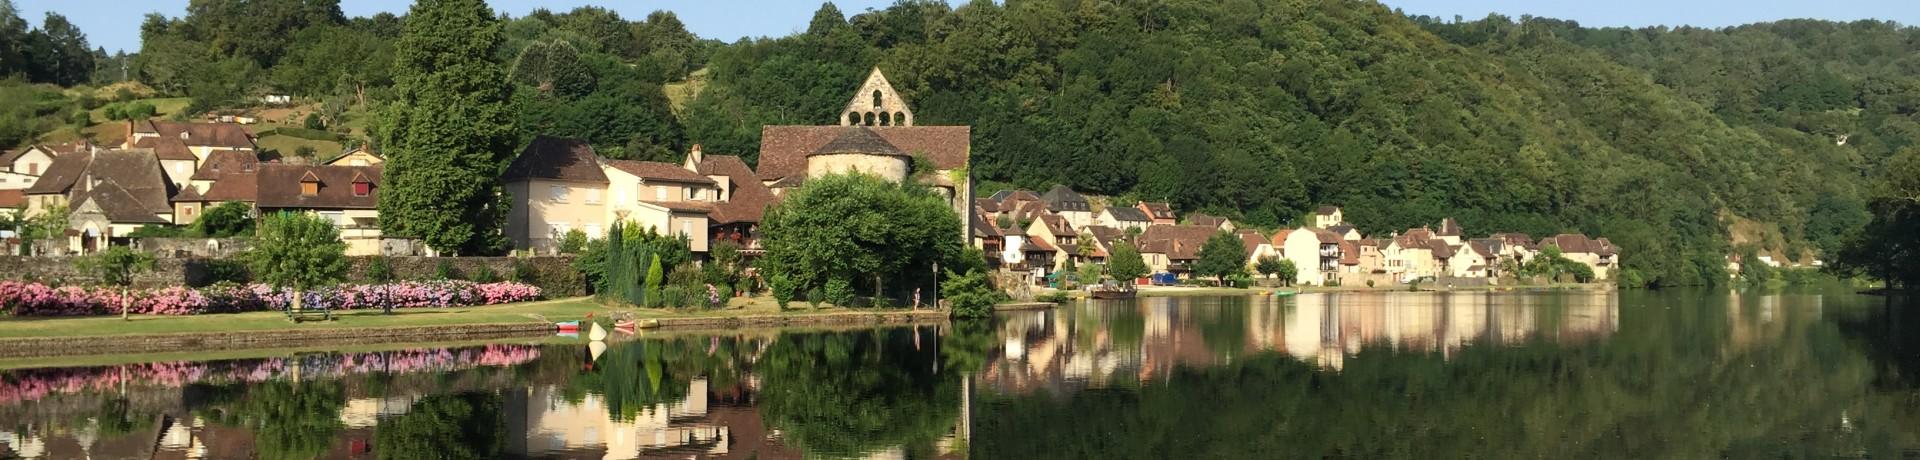 Camping Huttopia Beaulieu sur Dordogne ligt tussen de Périgord en de Quercy op het kruispunt van de Lot, de Corrèze en de Dordogne aan een rivier.